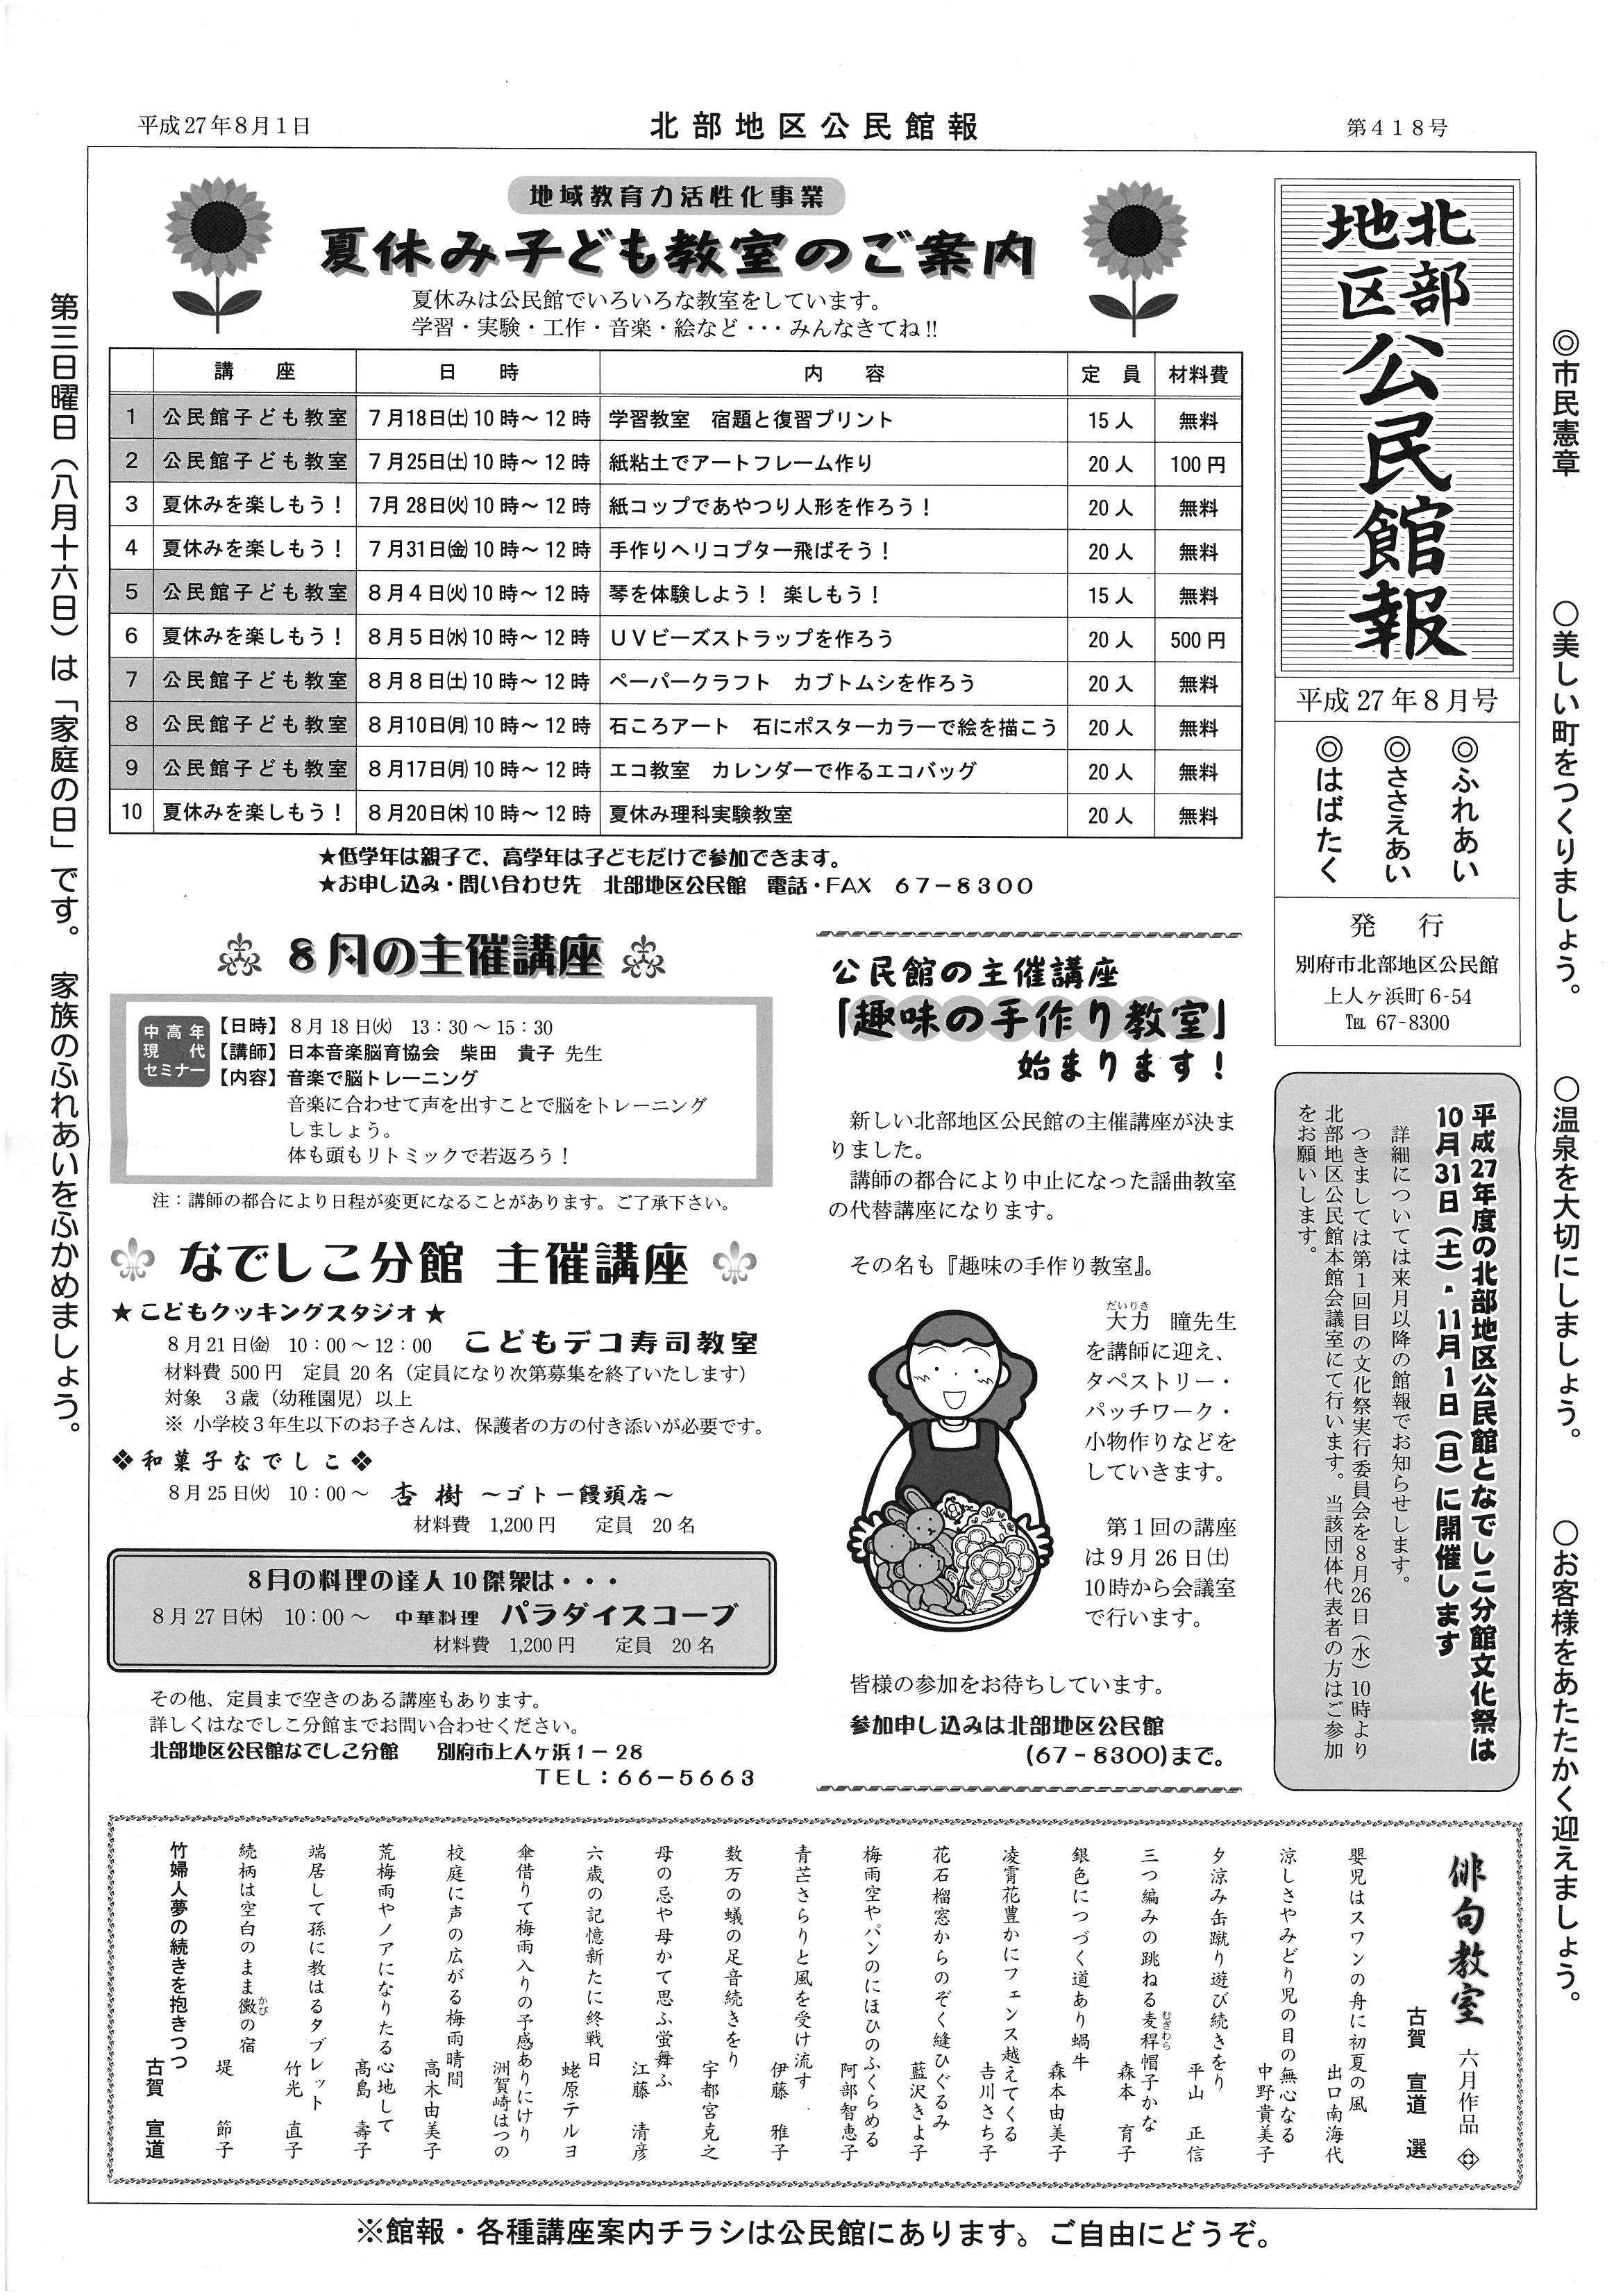 北部地区公民館報第418号平成27年8月号